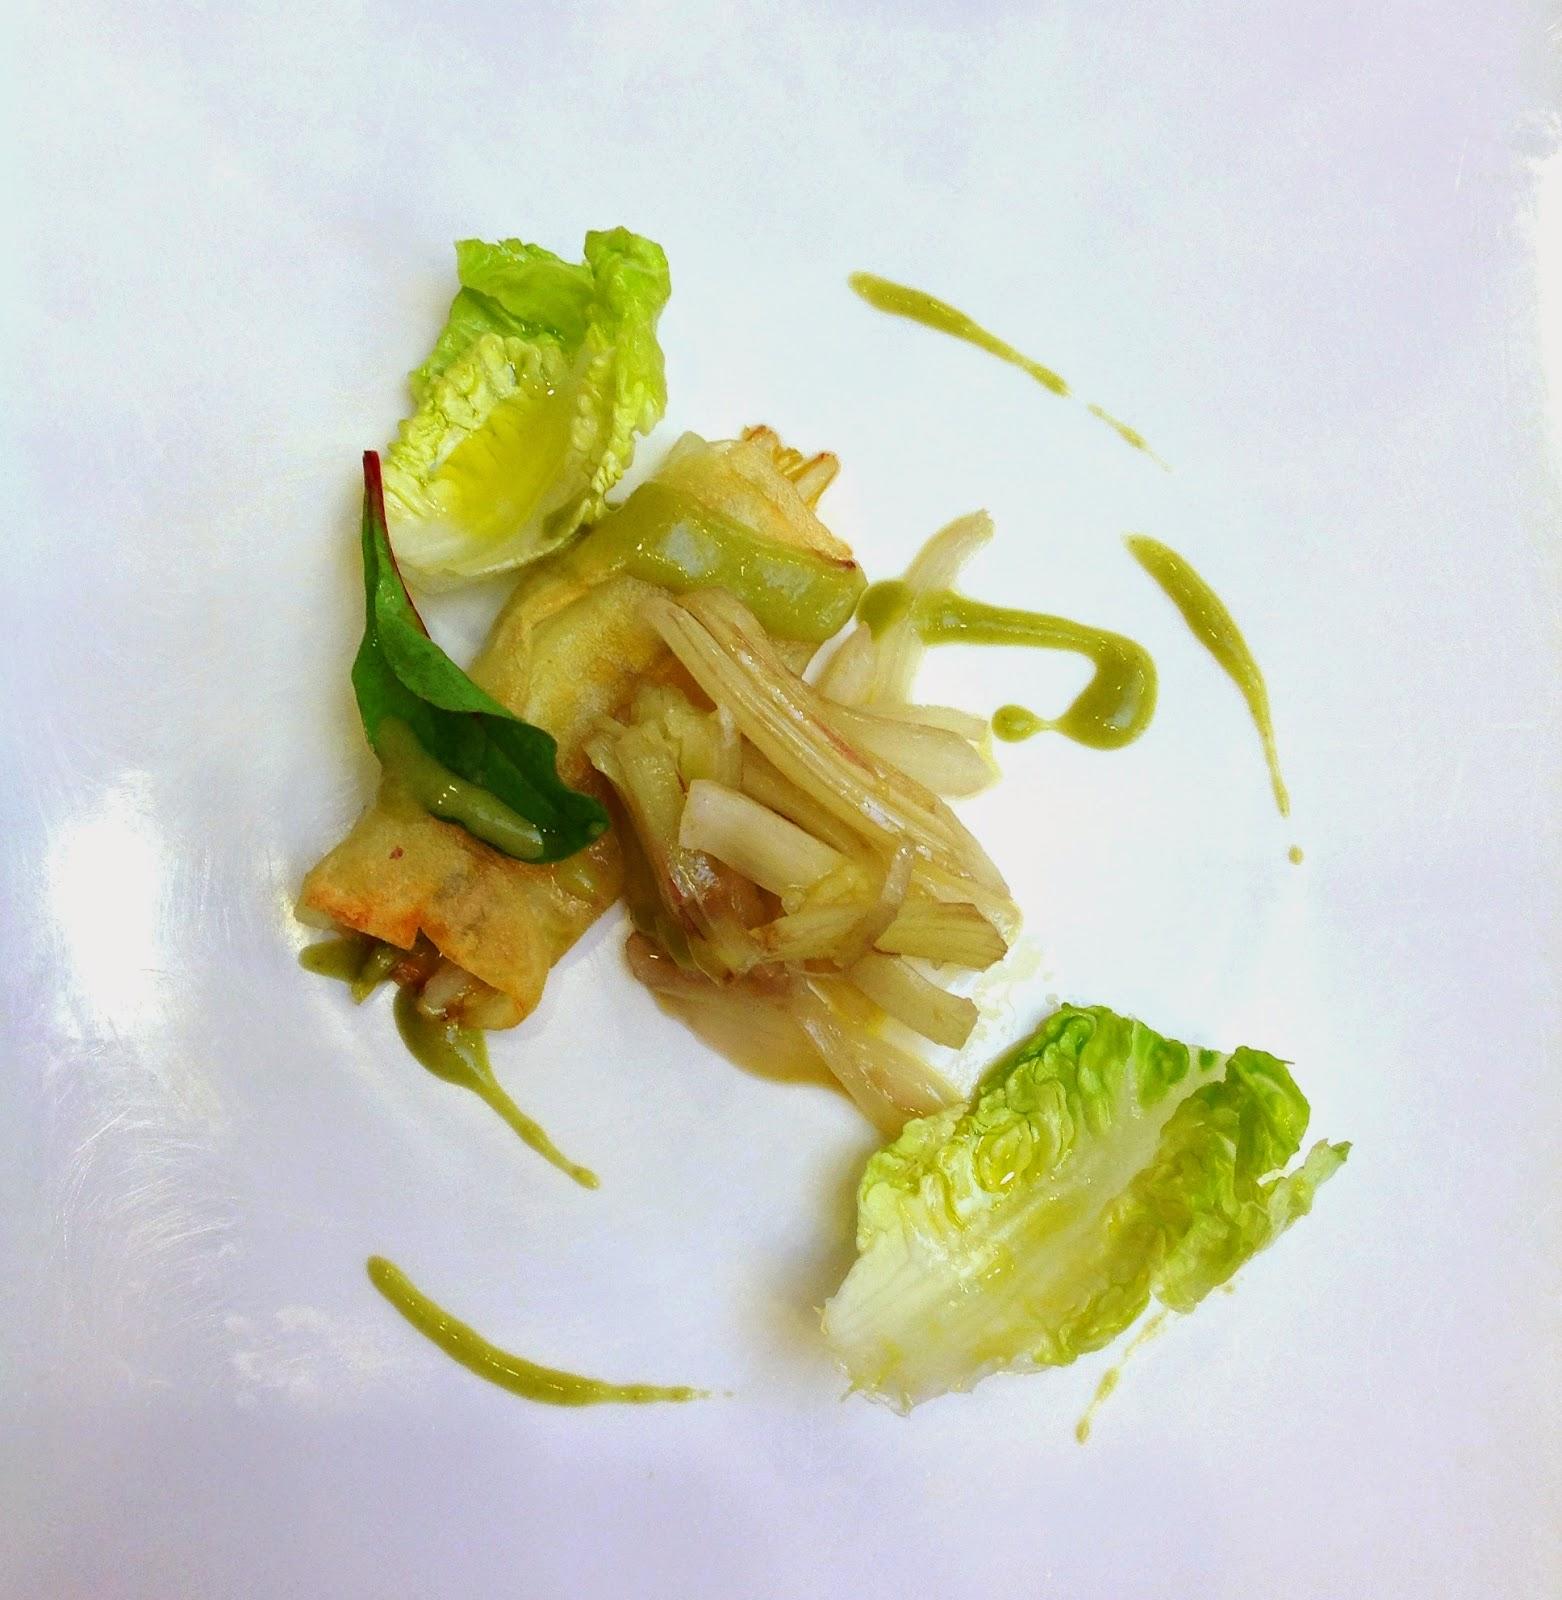 Canelón de patata relleno de cardo rojo crudo, ensalada de cardo rojo crudo con ajo, cogollo de lechuga de grumillo y salsa de su aliño